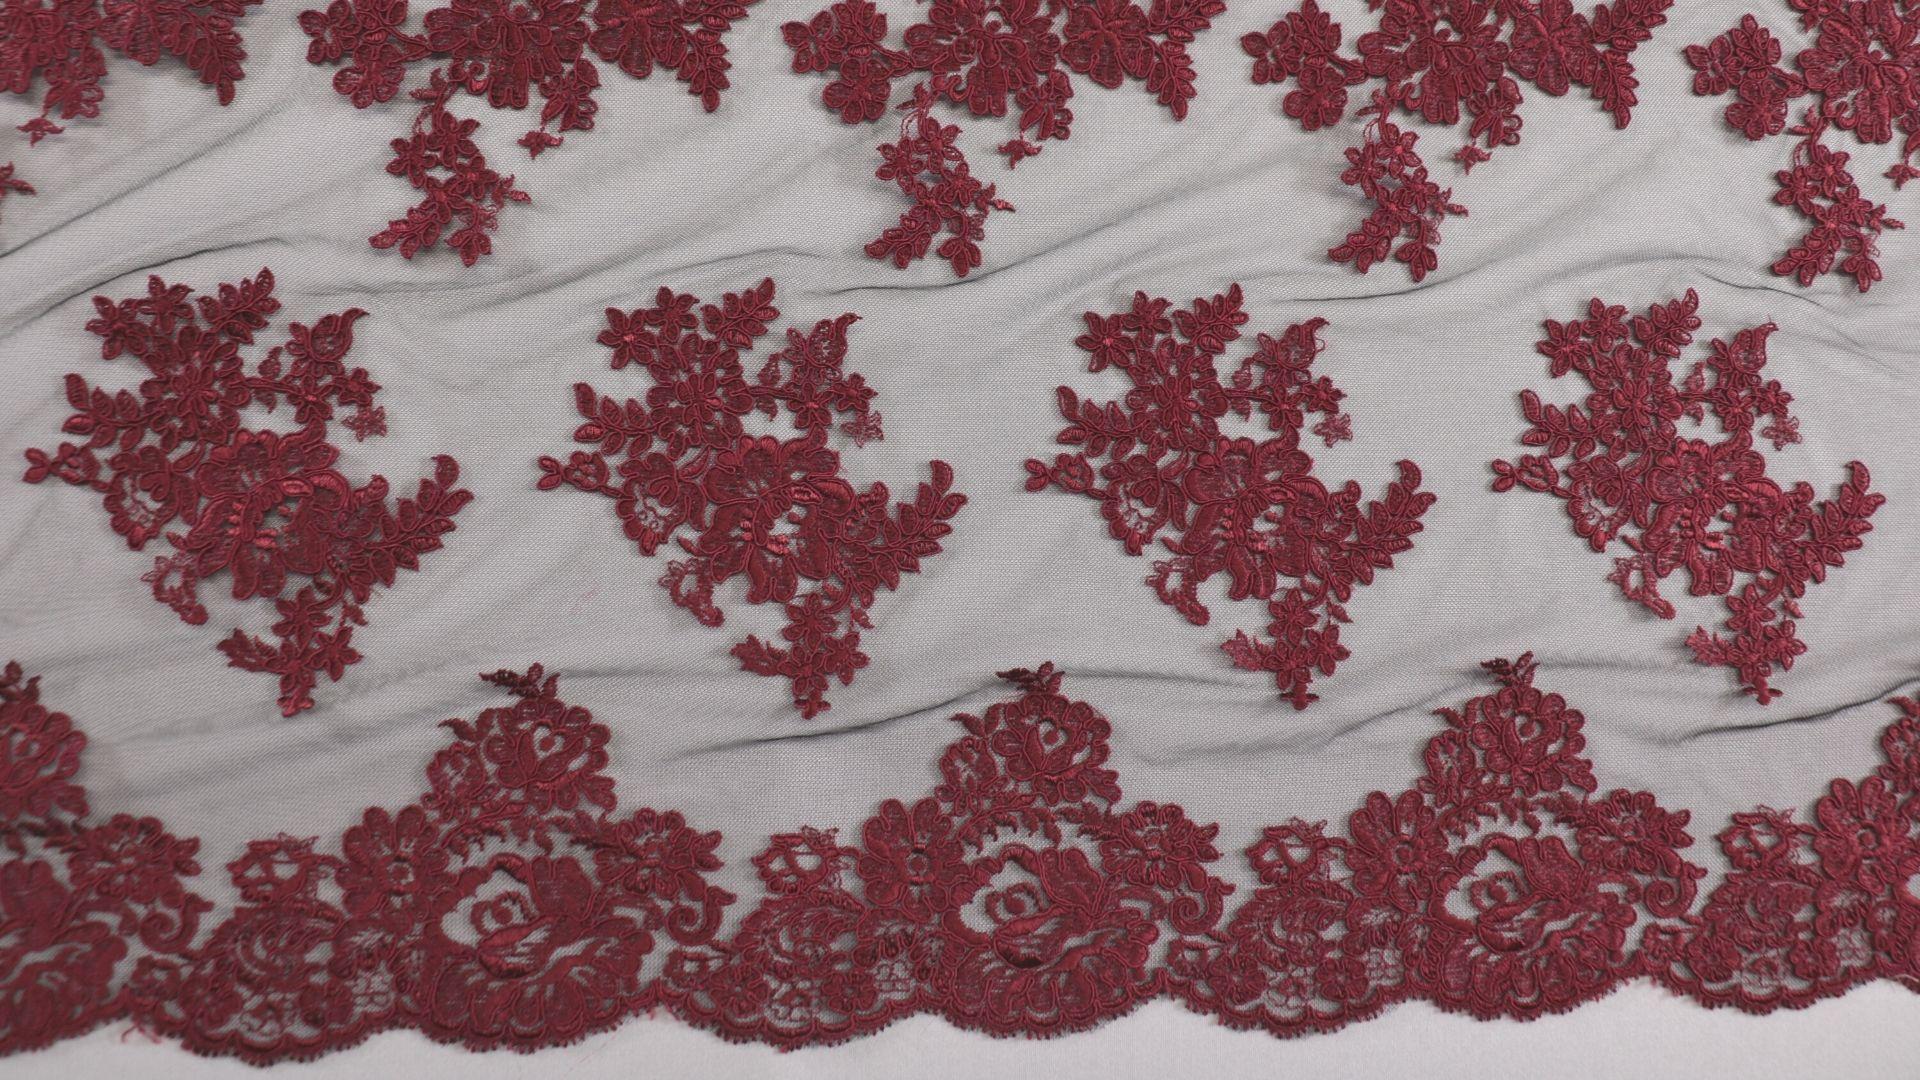 il particolare del tessuto lv9632, appartenente alla categoria ricami da sposa, di Leadford & Logan